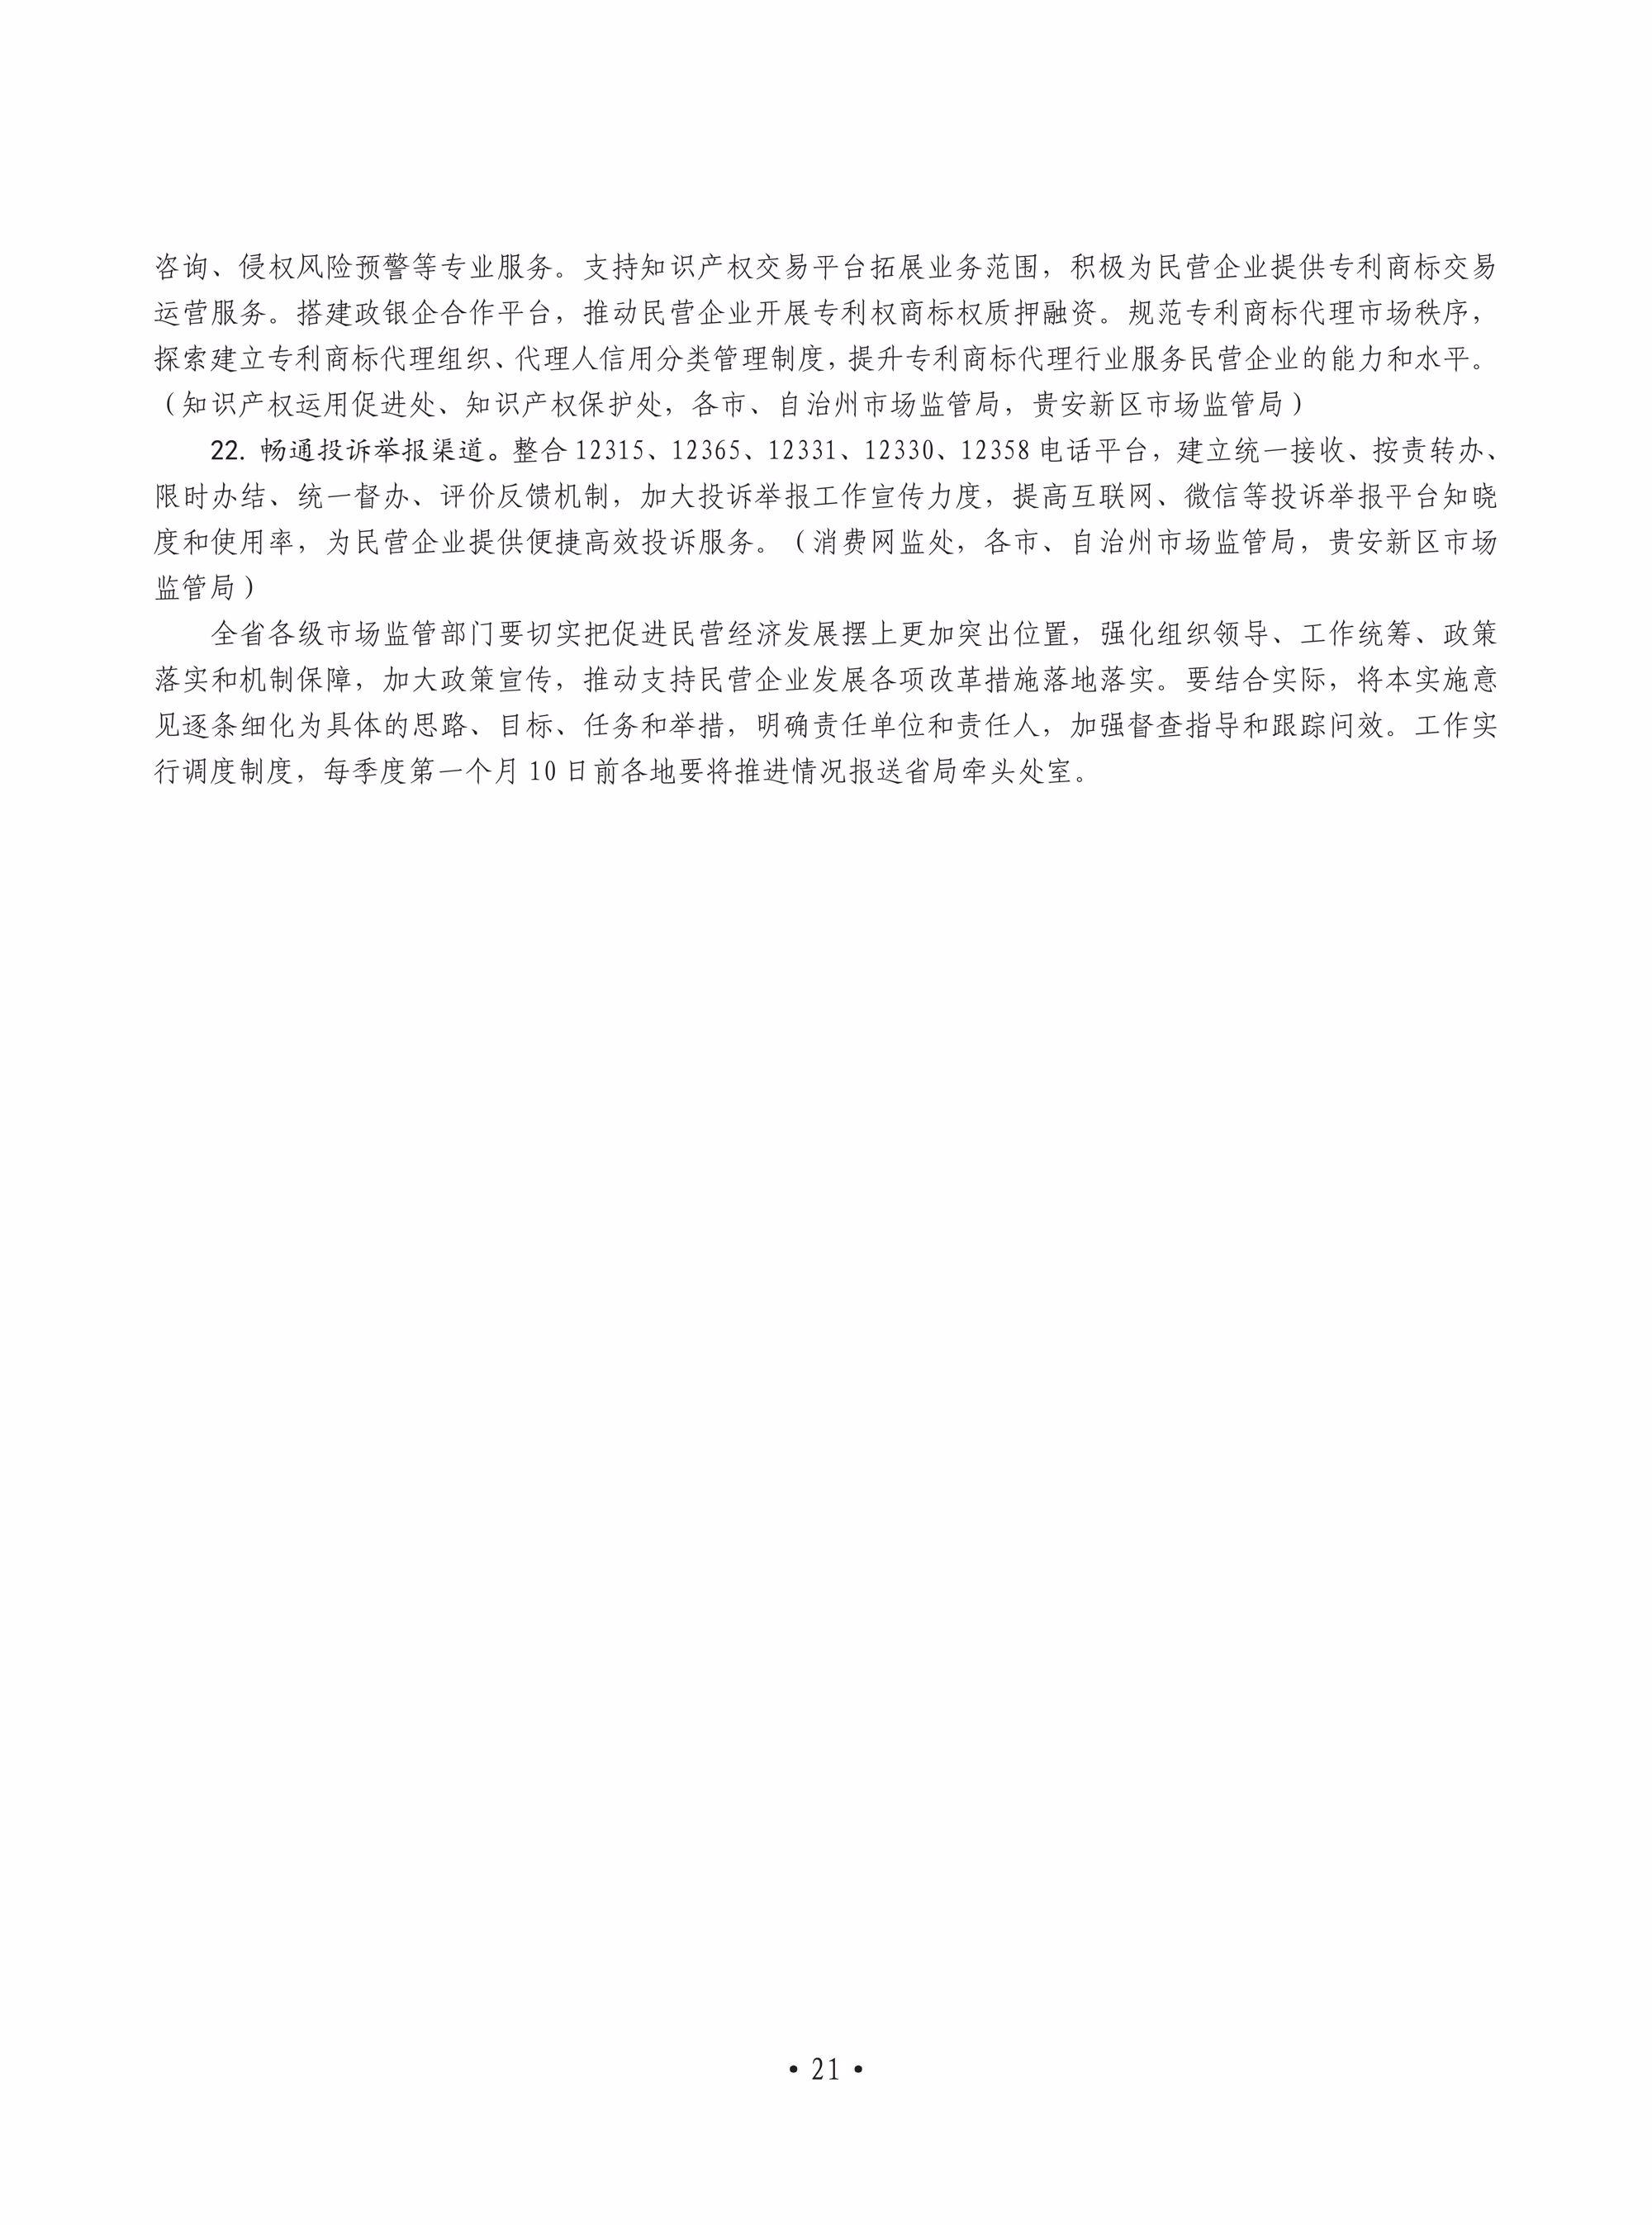 促进中小企业发展政策 11.12(确认印刷)_24.jpg